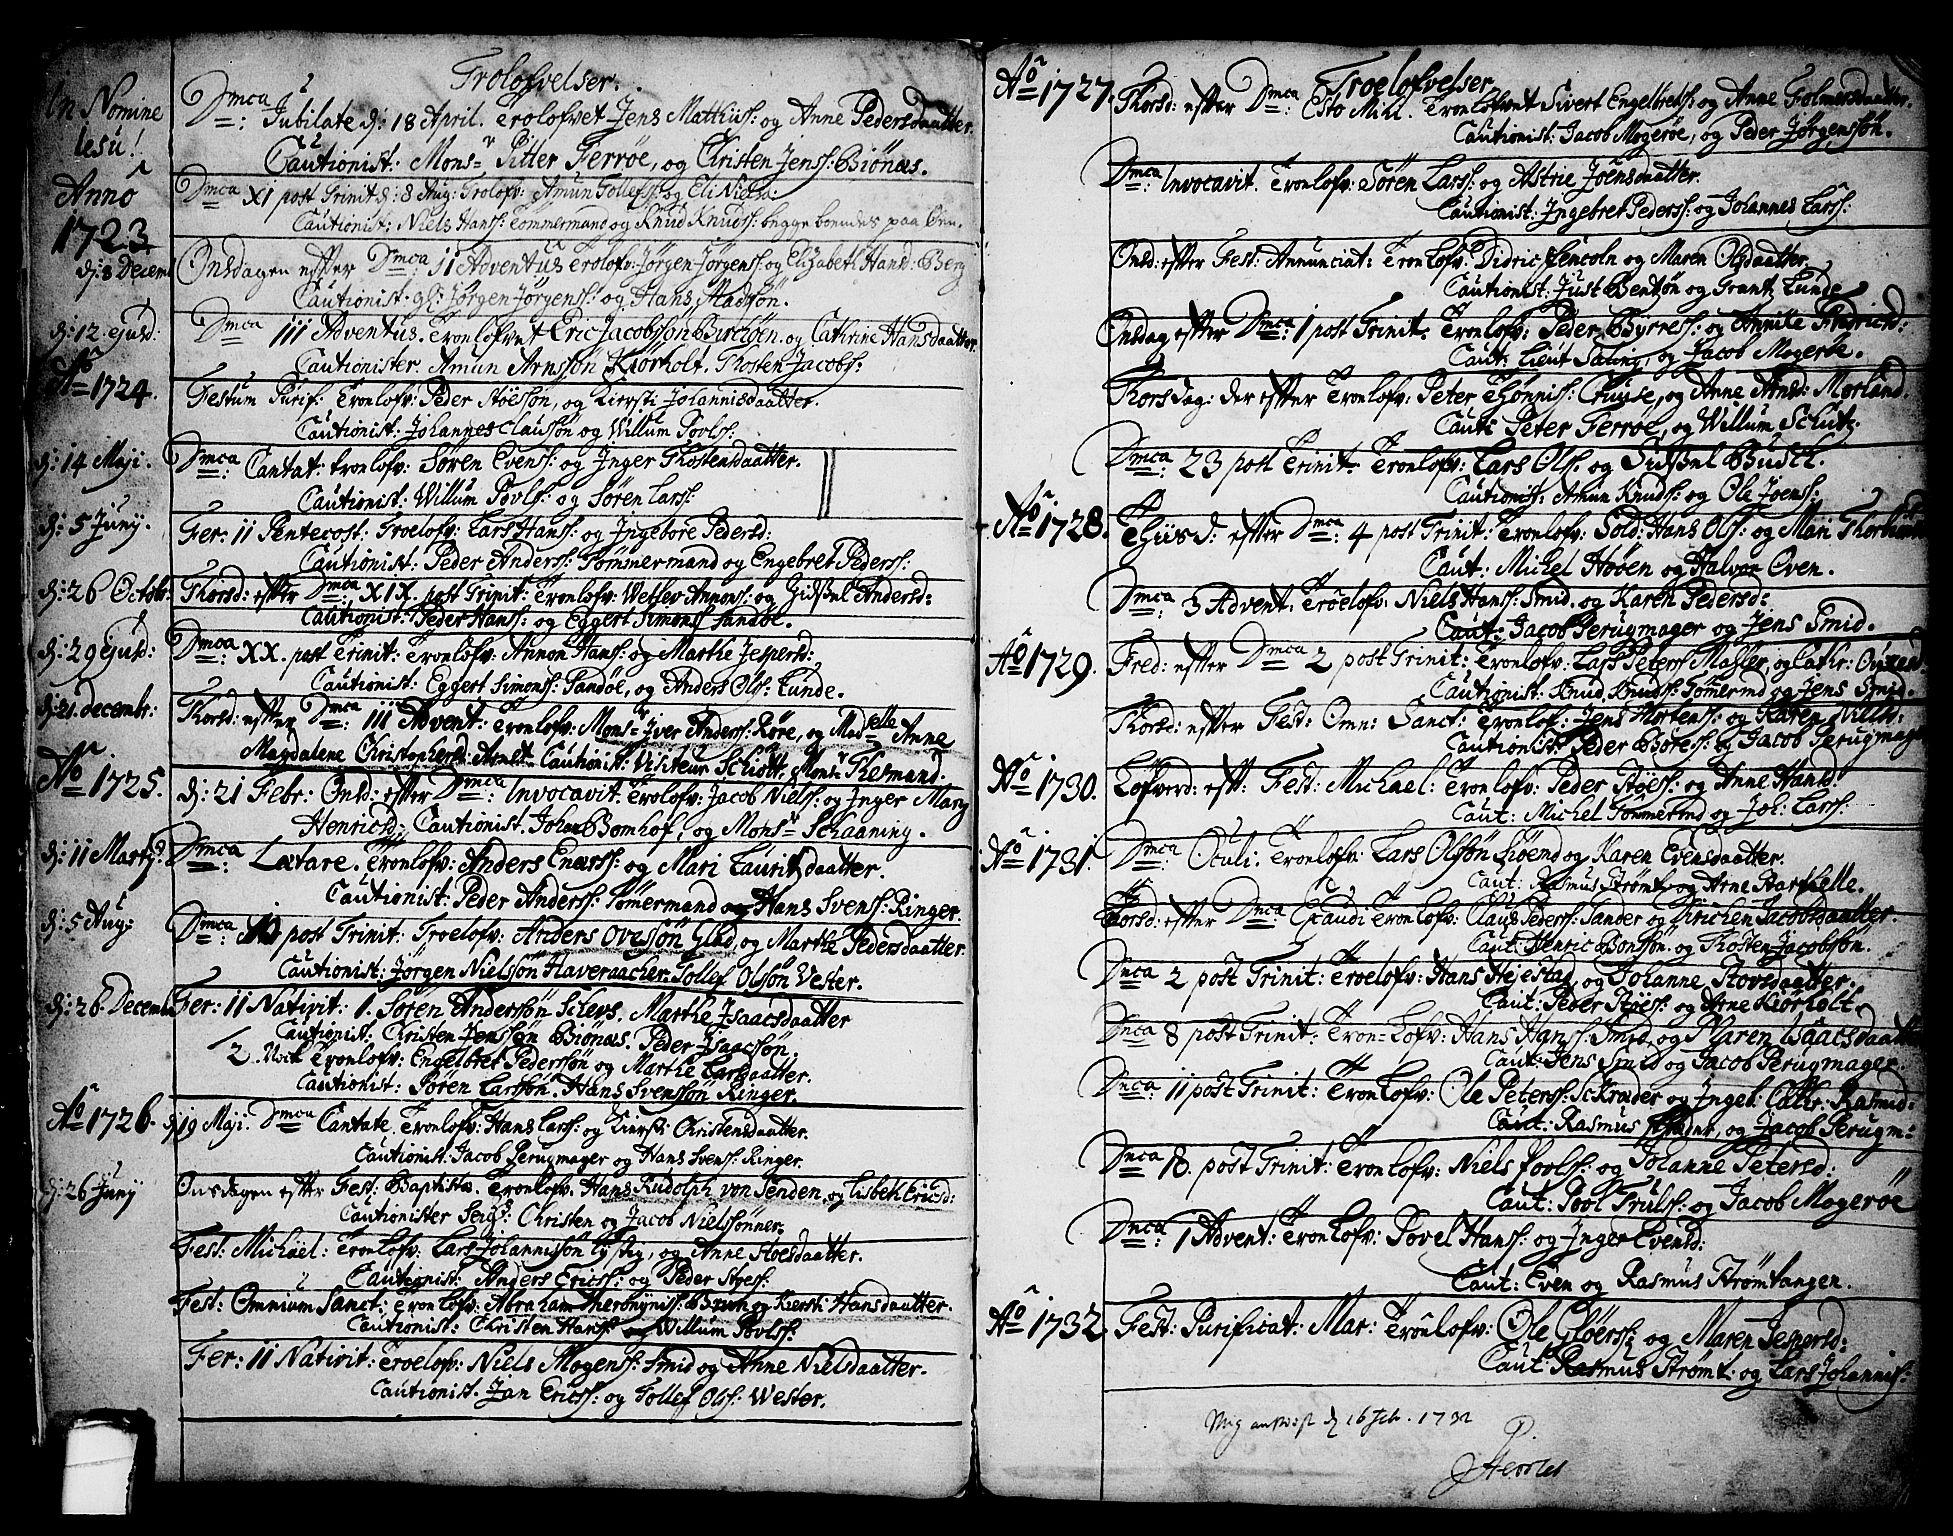 SAKO, Brevik kirkebøker, F/Fa/L0002: Ministerialbok nr. 2, 1720-1764, s. 2